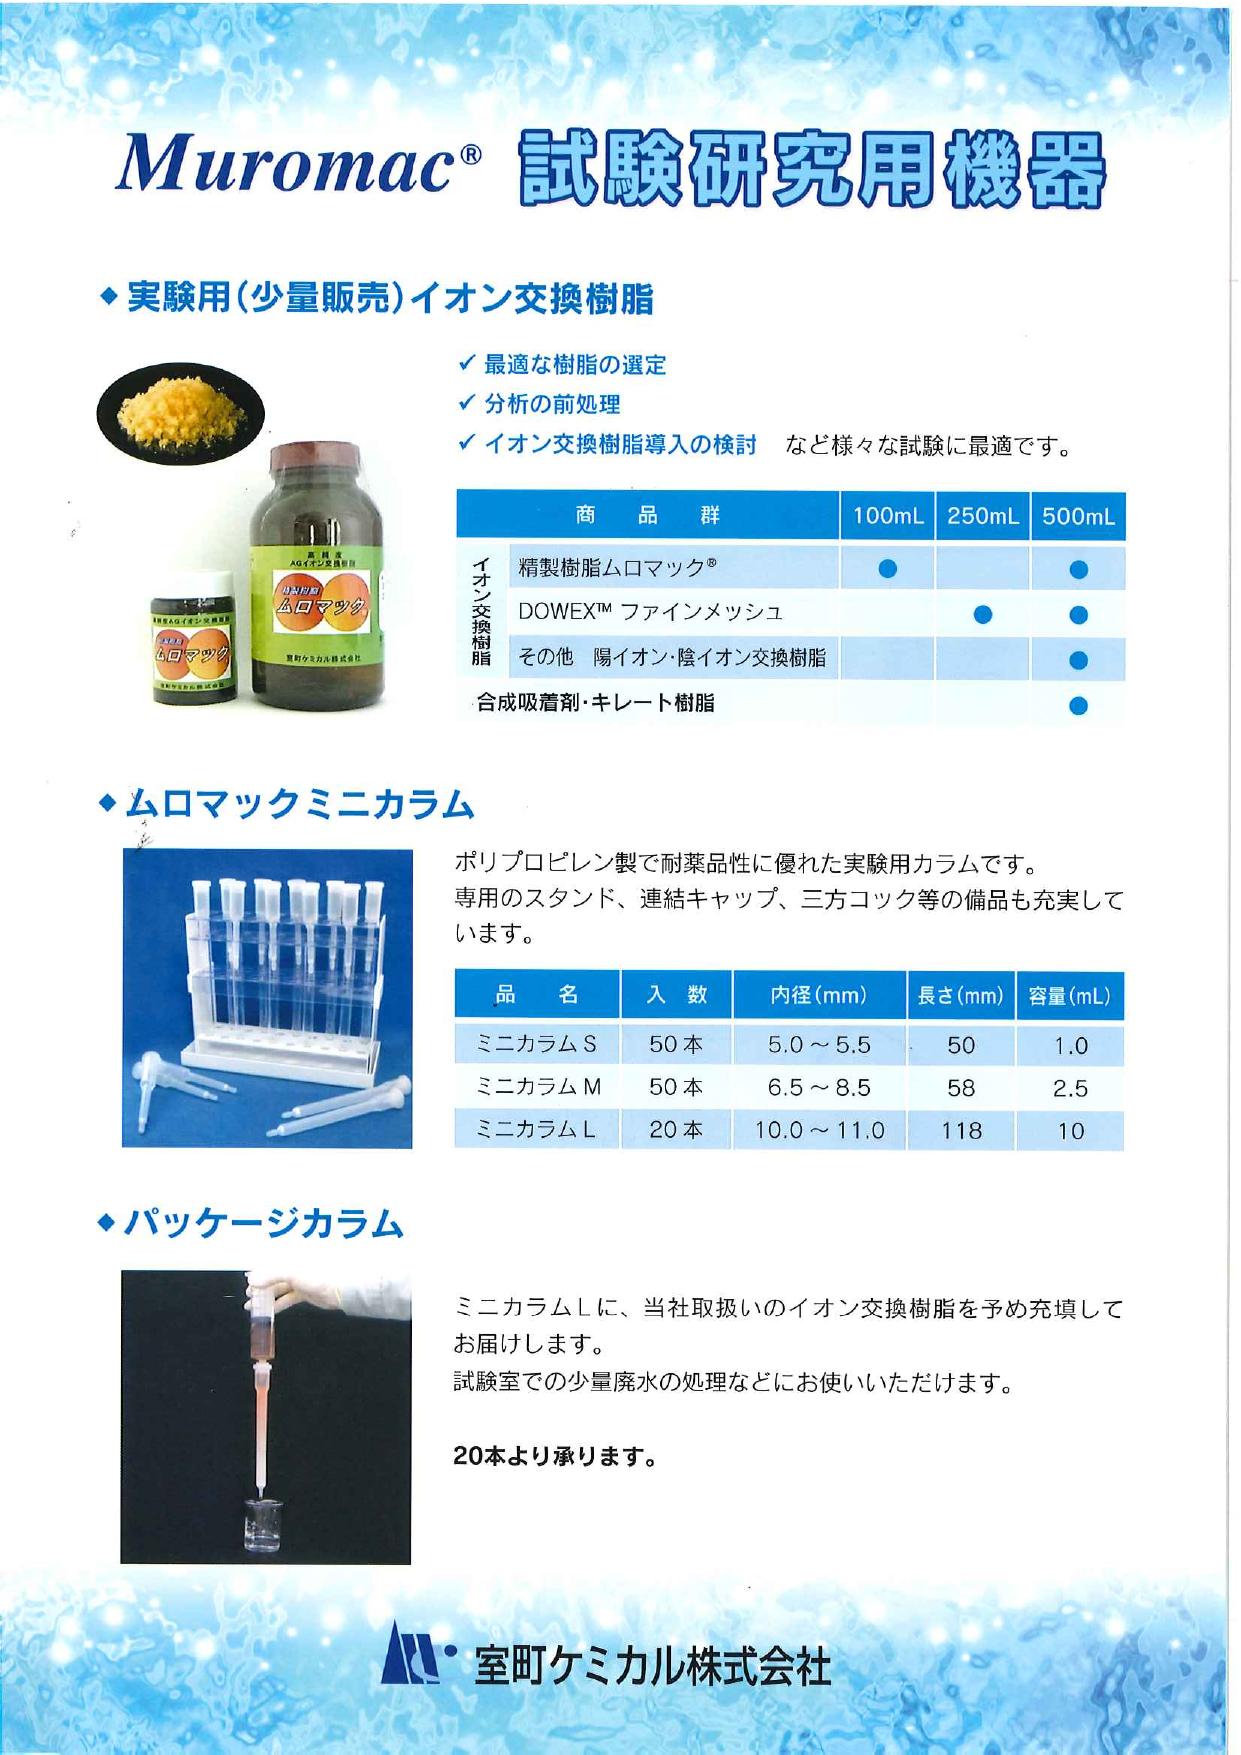 試験研究用機器(イオン交換樹脂/実験用カラムなど)